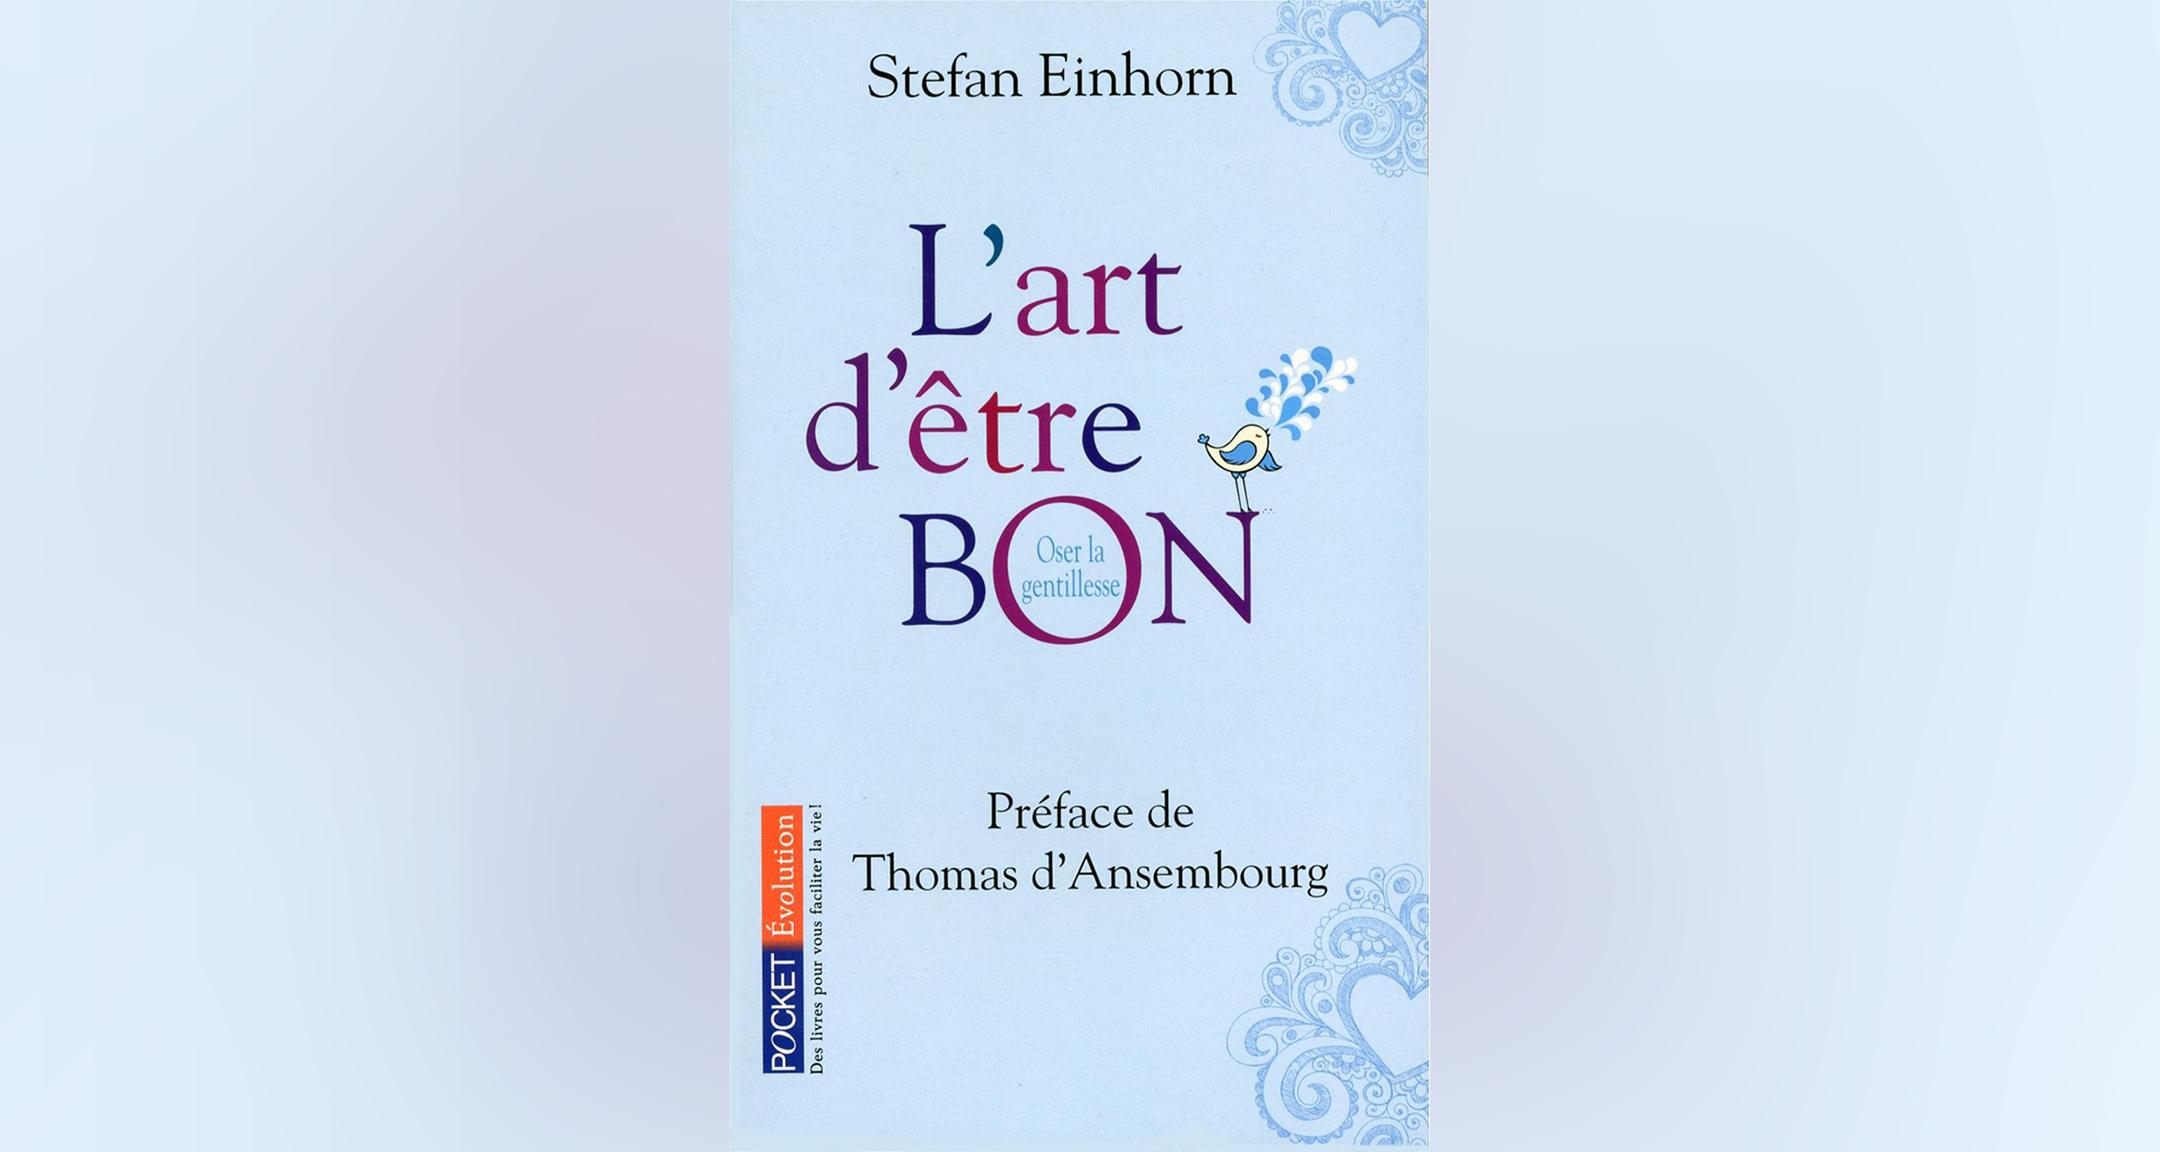 L'art d'être bon, Stefan Einhorn